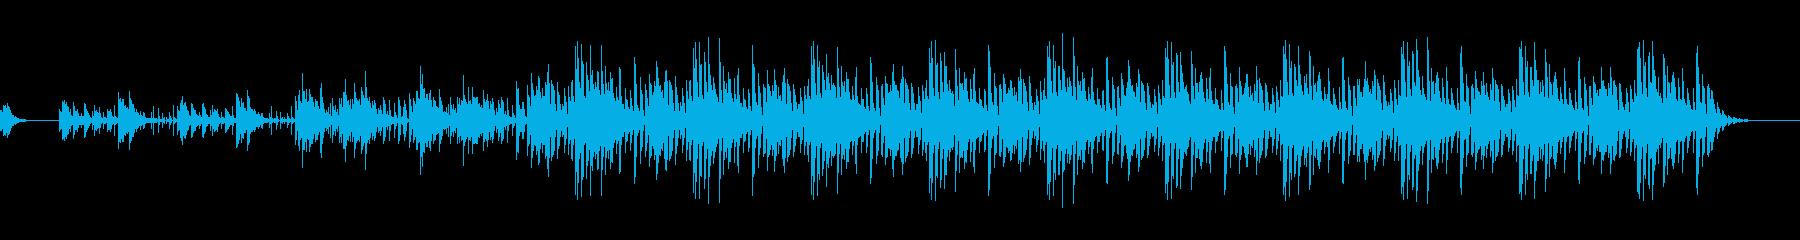 スローテンポノービートバージョンの再生済みの波形